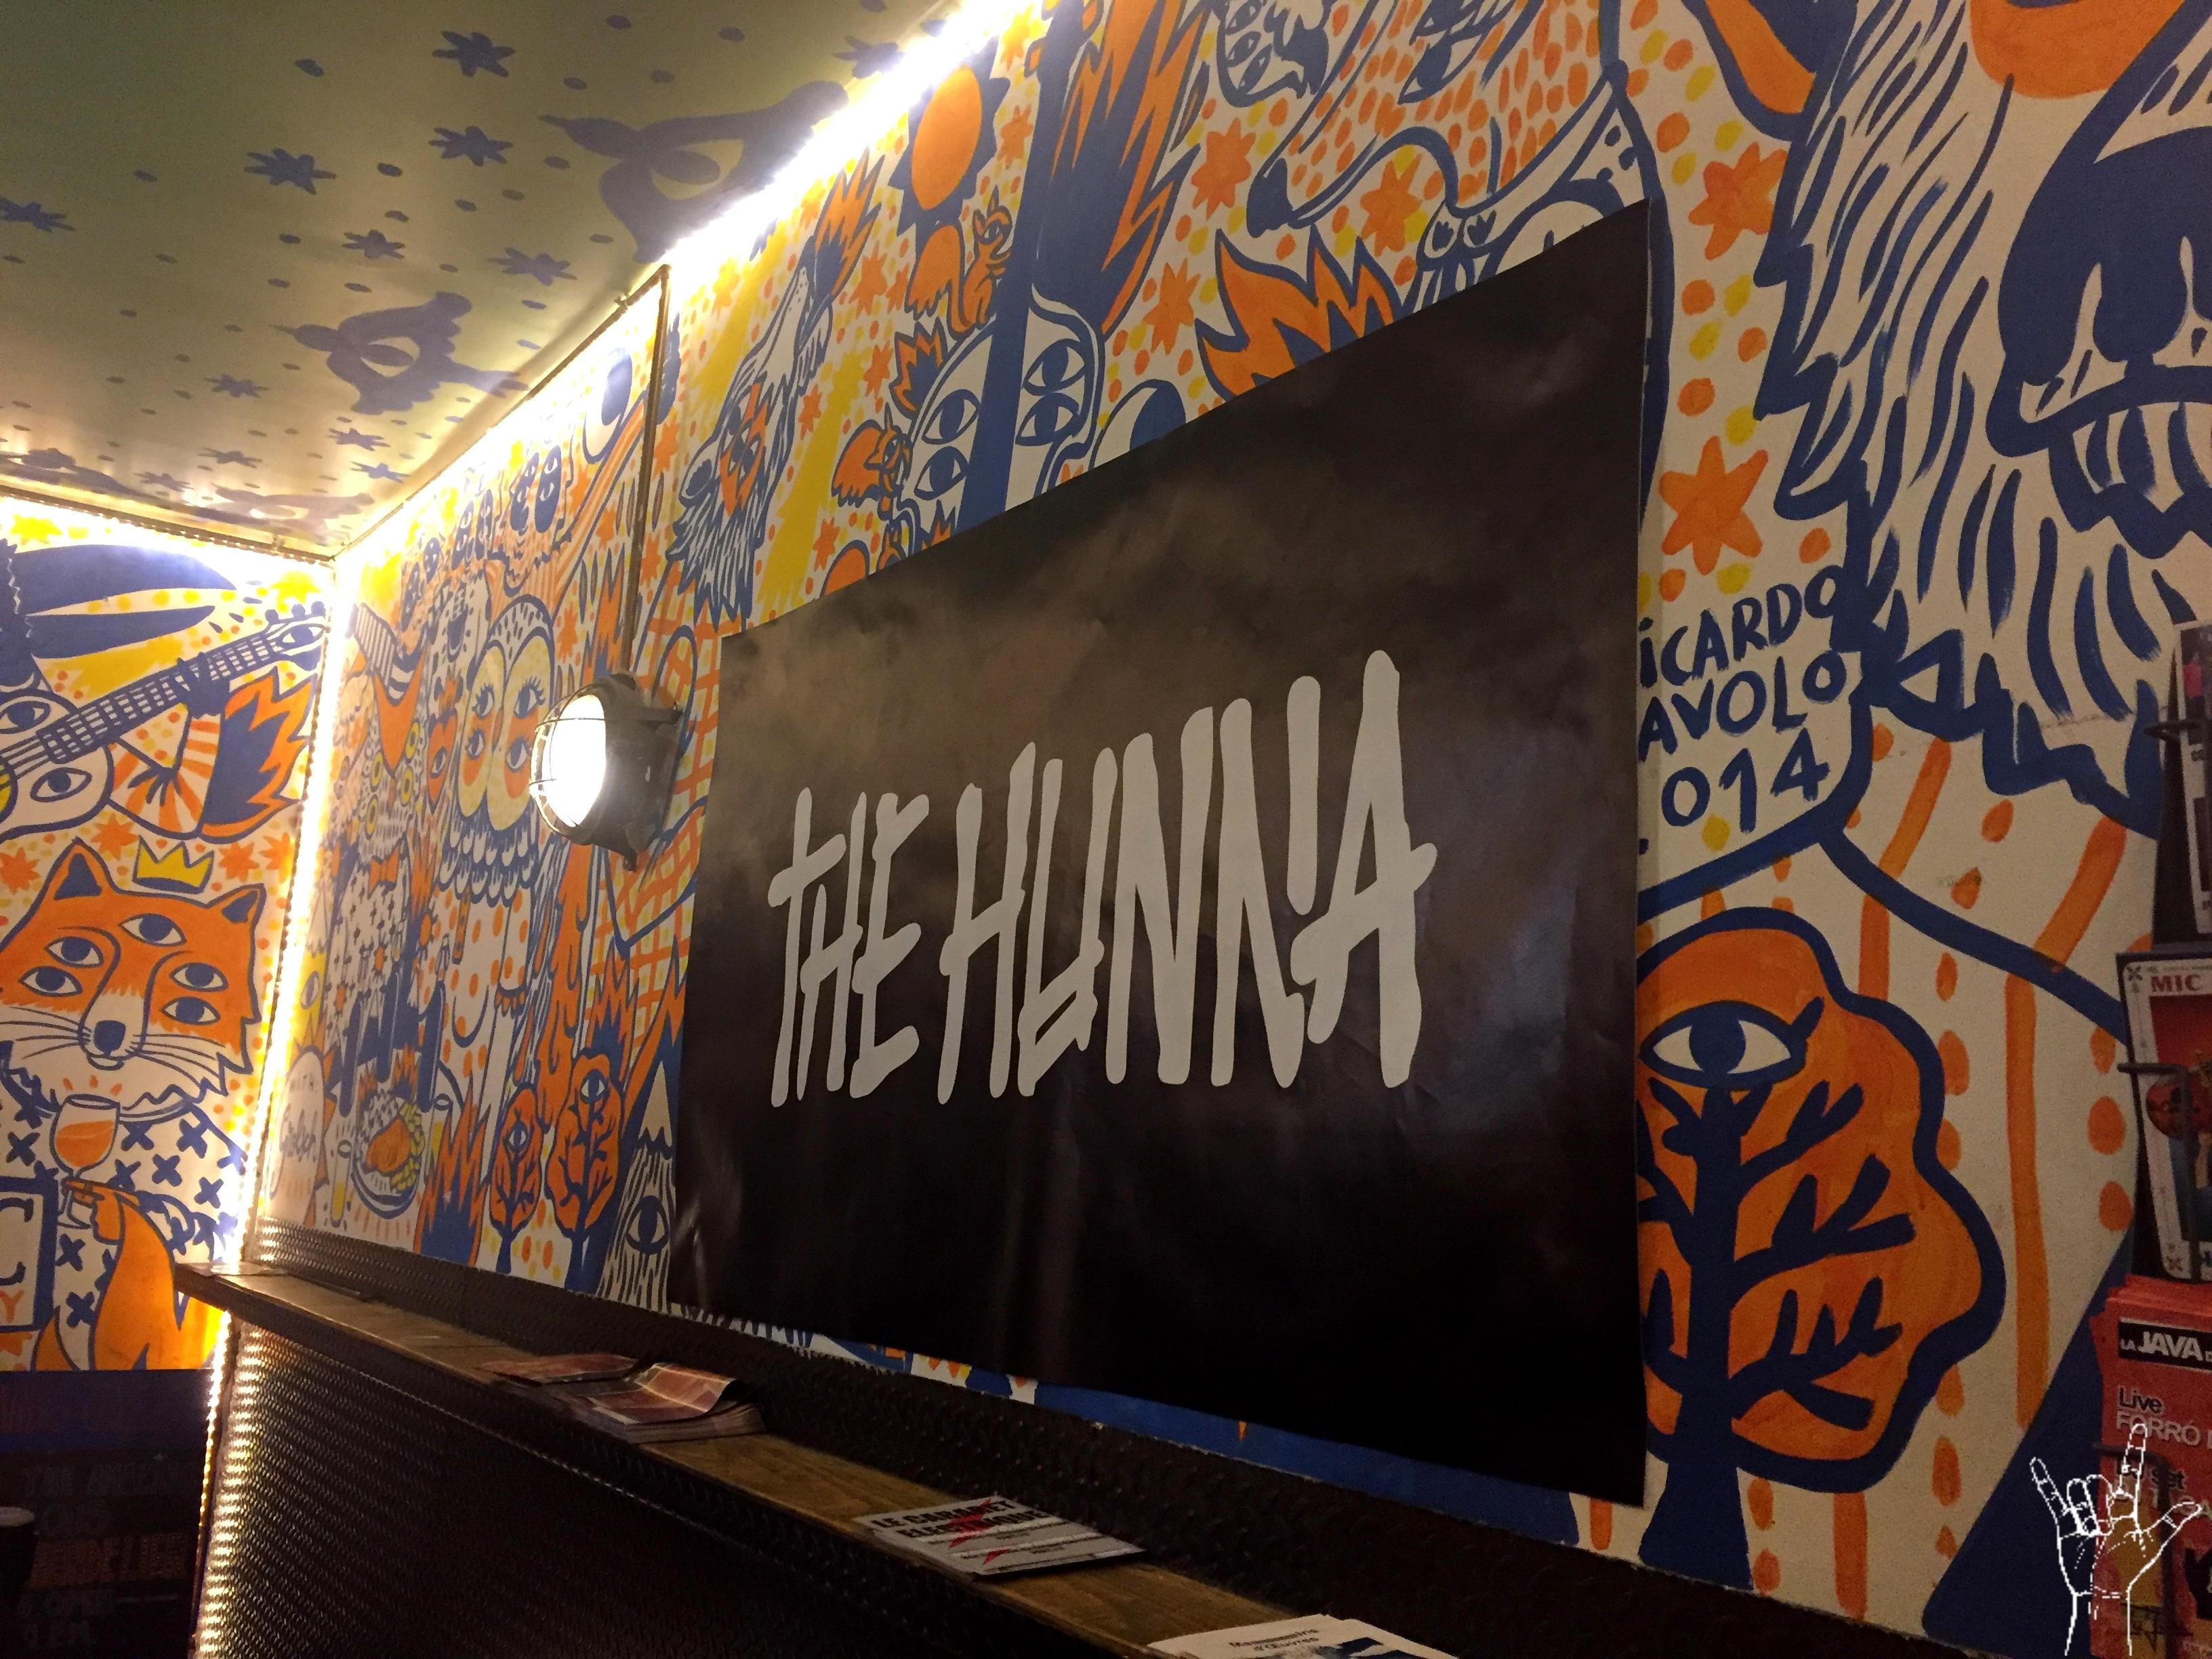 The Hunna, un premier passage Parisien explosif.3 min de lecture